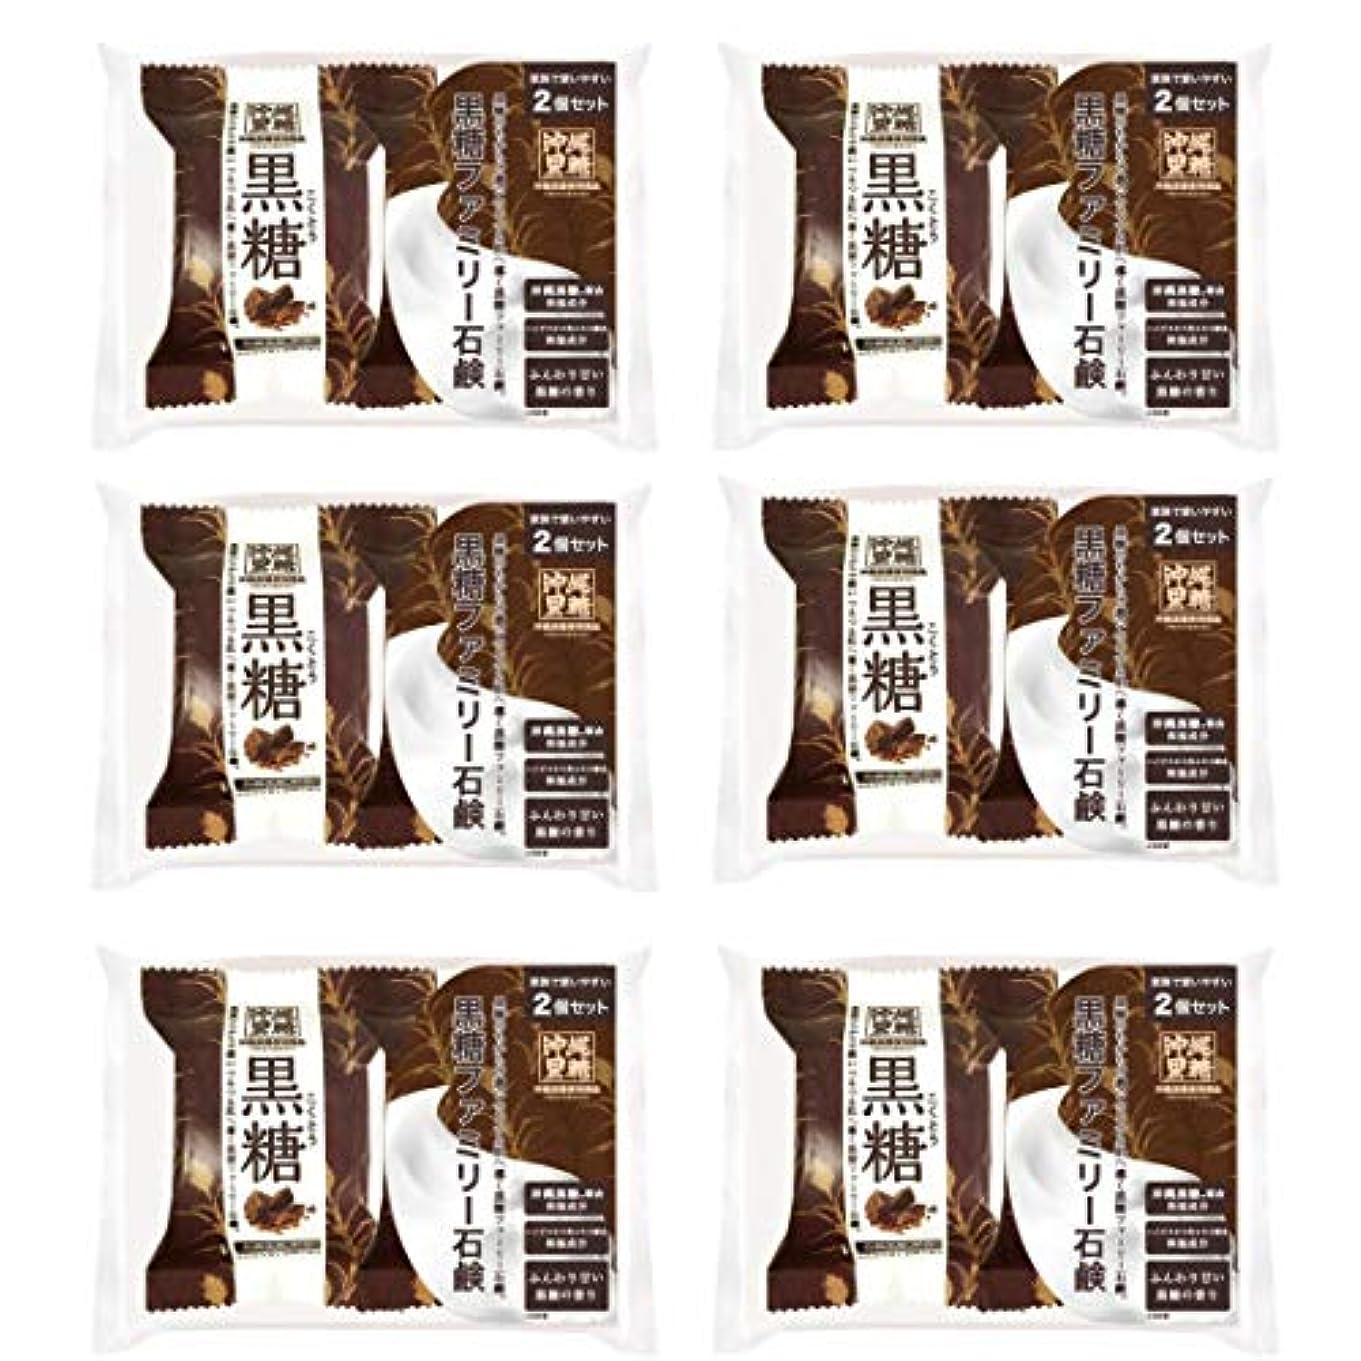 帰する嵐のダイジェスト【6個セット】ペリカン石鹸 ファミリー黒糖石鹸 80g×2個